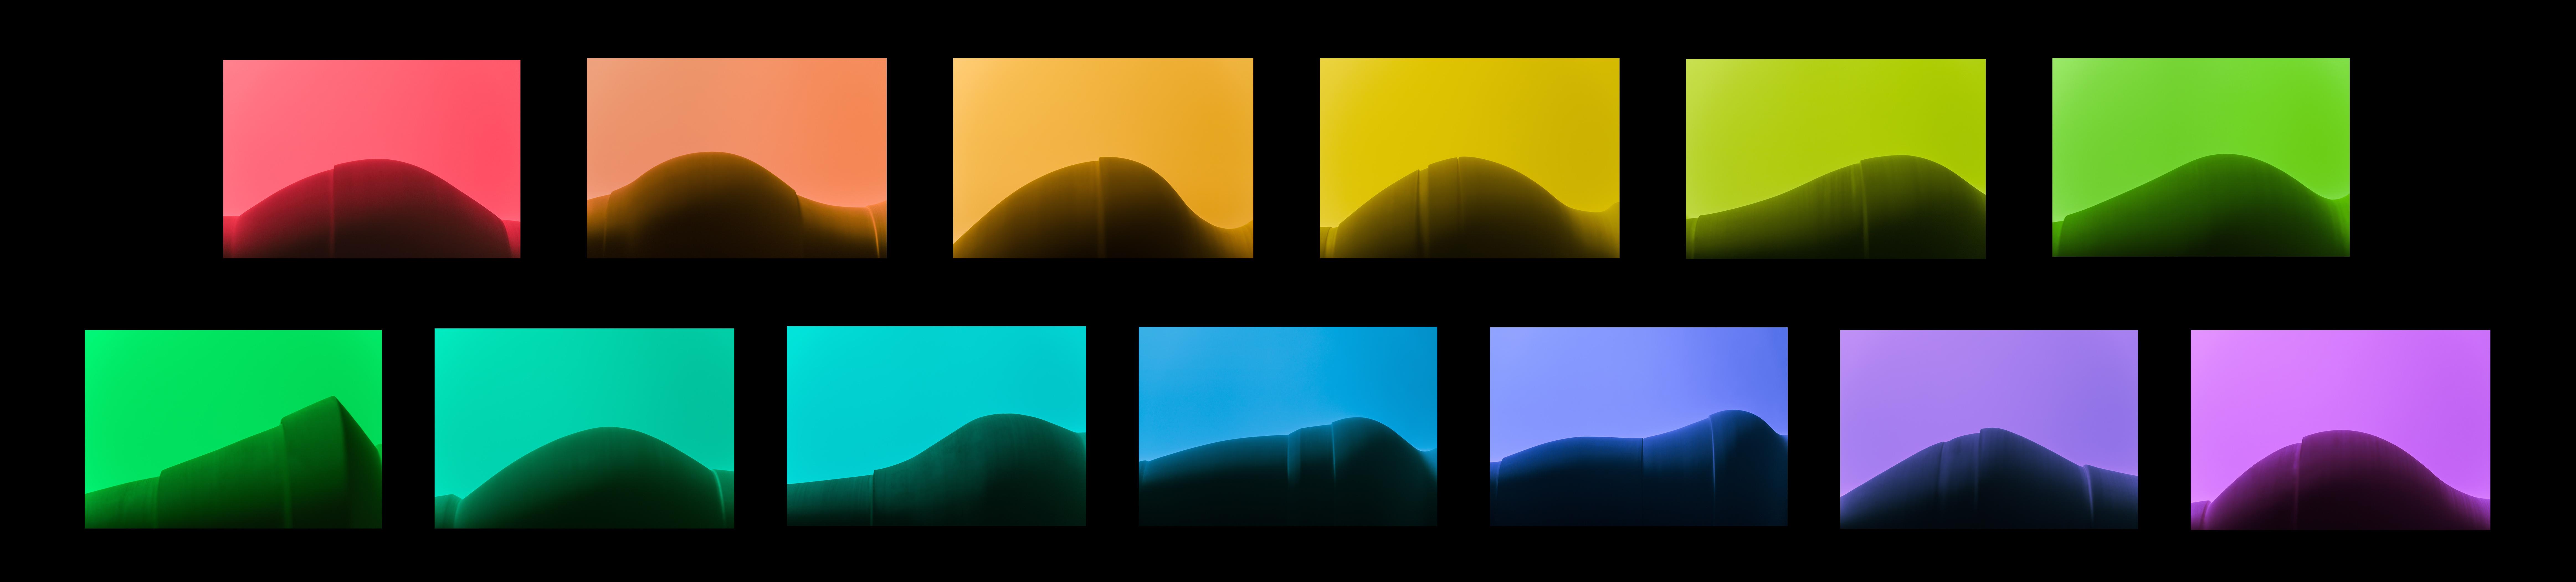 Pottery Landscapes-0